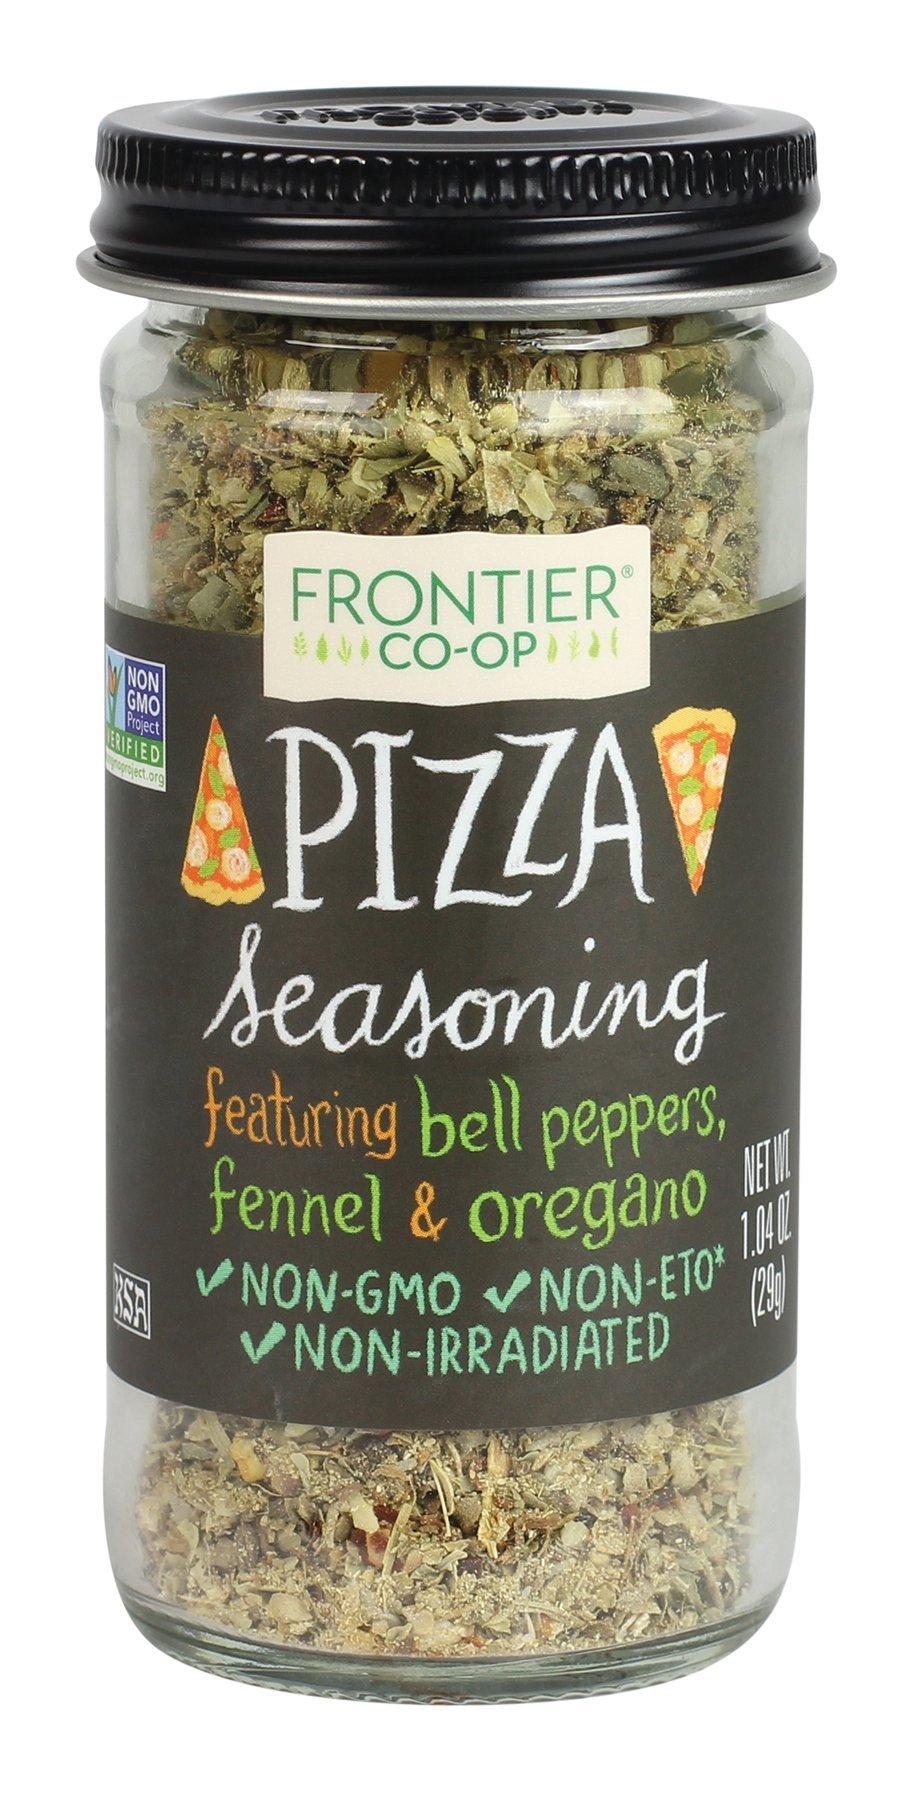 Frontier Pizza Seasoning, 1.04-Ounce Bottle